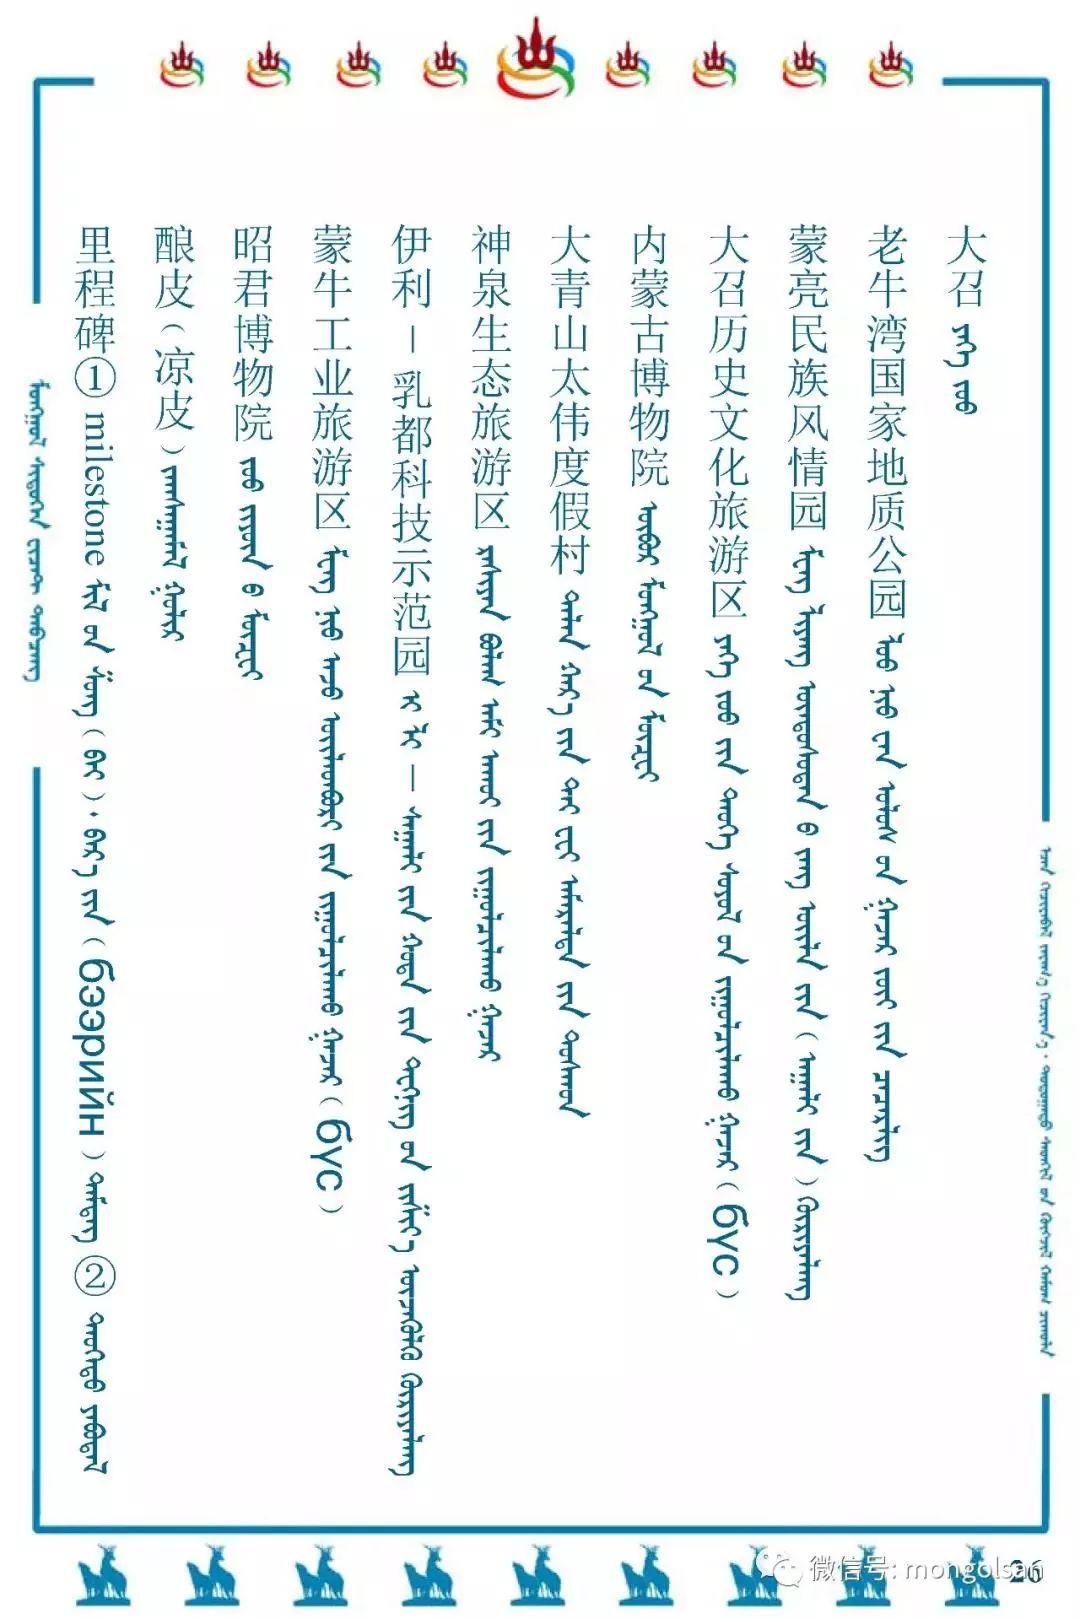 最新名词蒙古语翻译参考 第26张